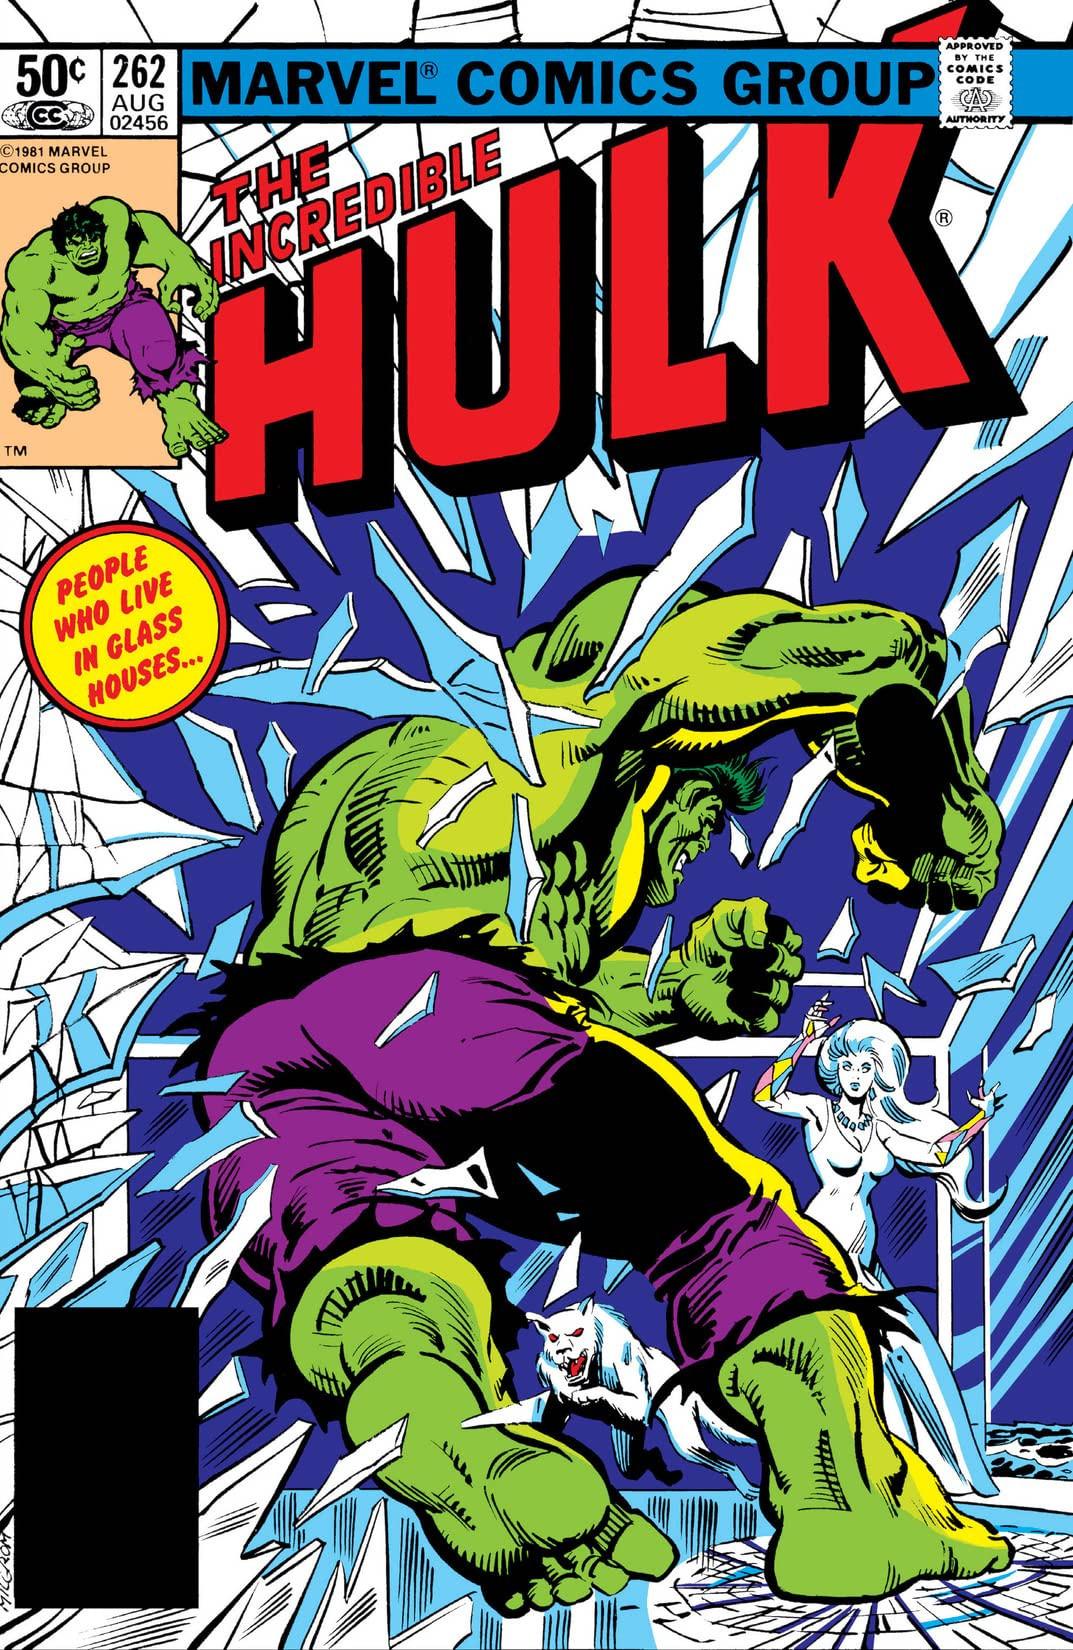 Incredible Hulk Vol 1 262